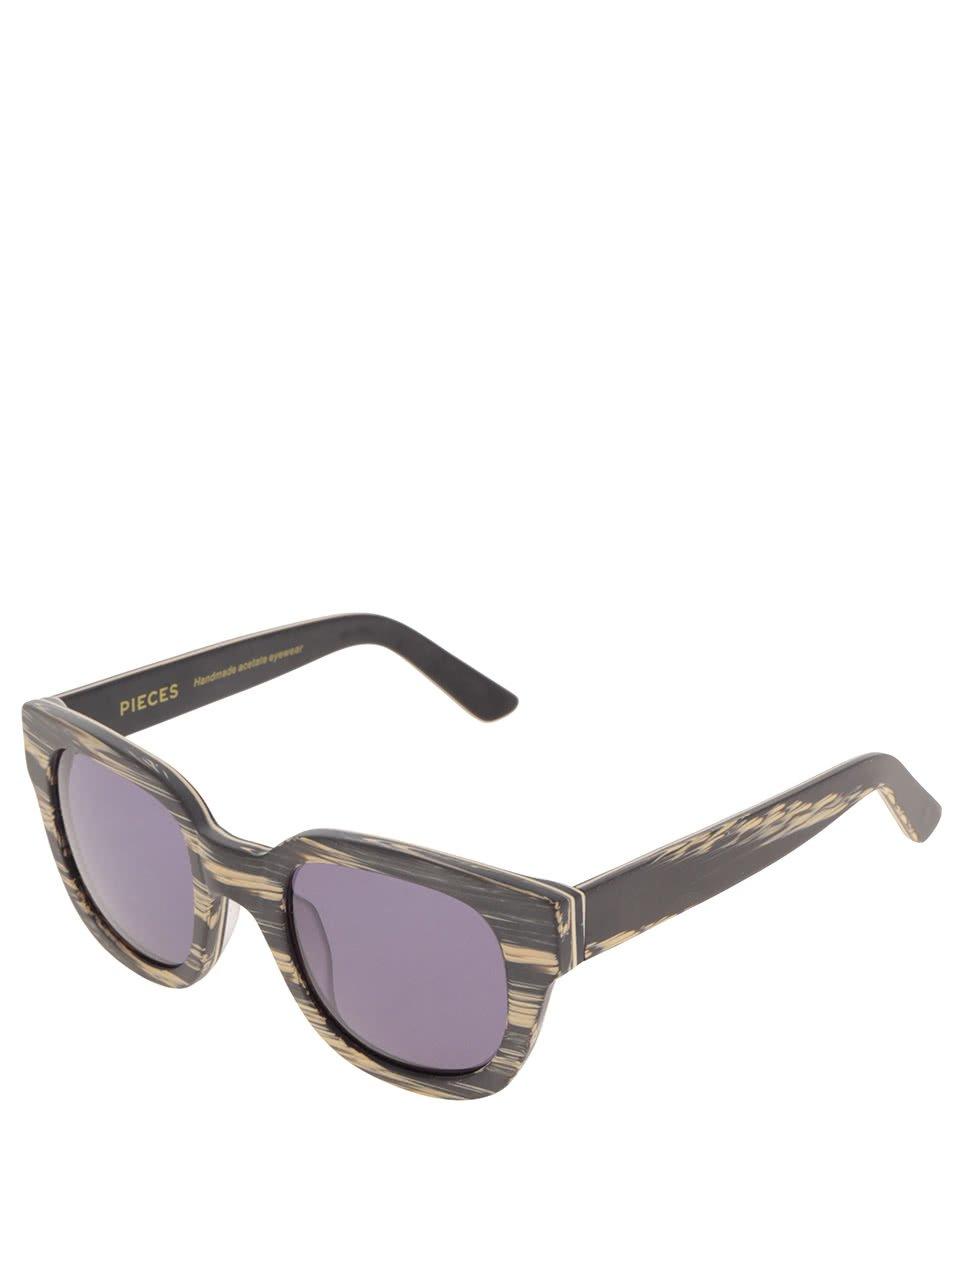 ed3a2c6e7 Béžovo-sivé melírované slnečné okuliare Pieces Goyo | Moda.sk